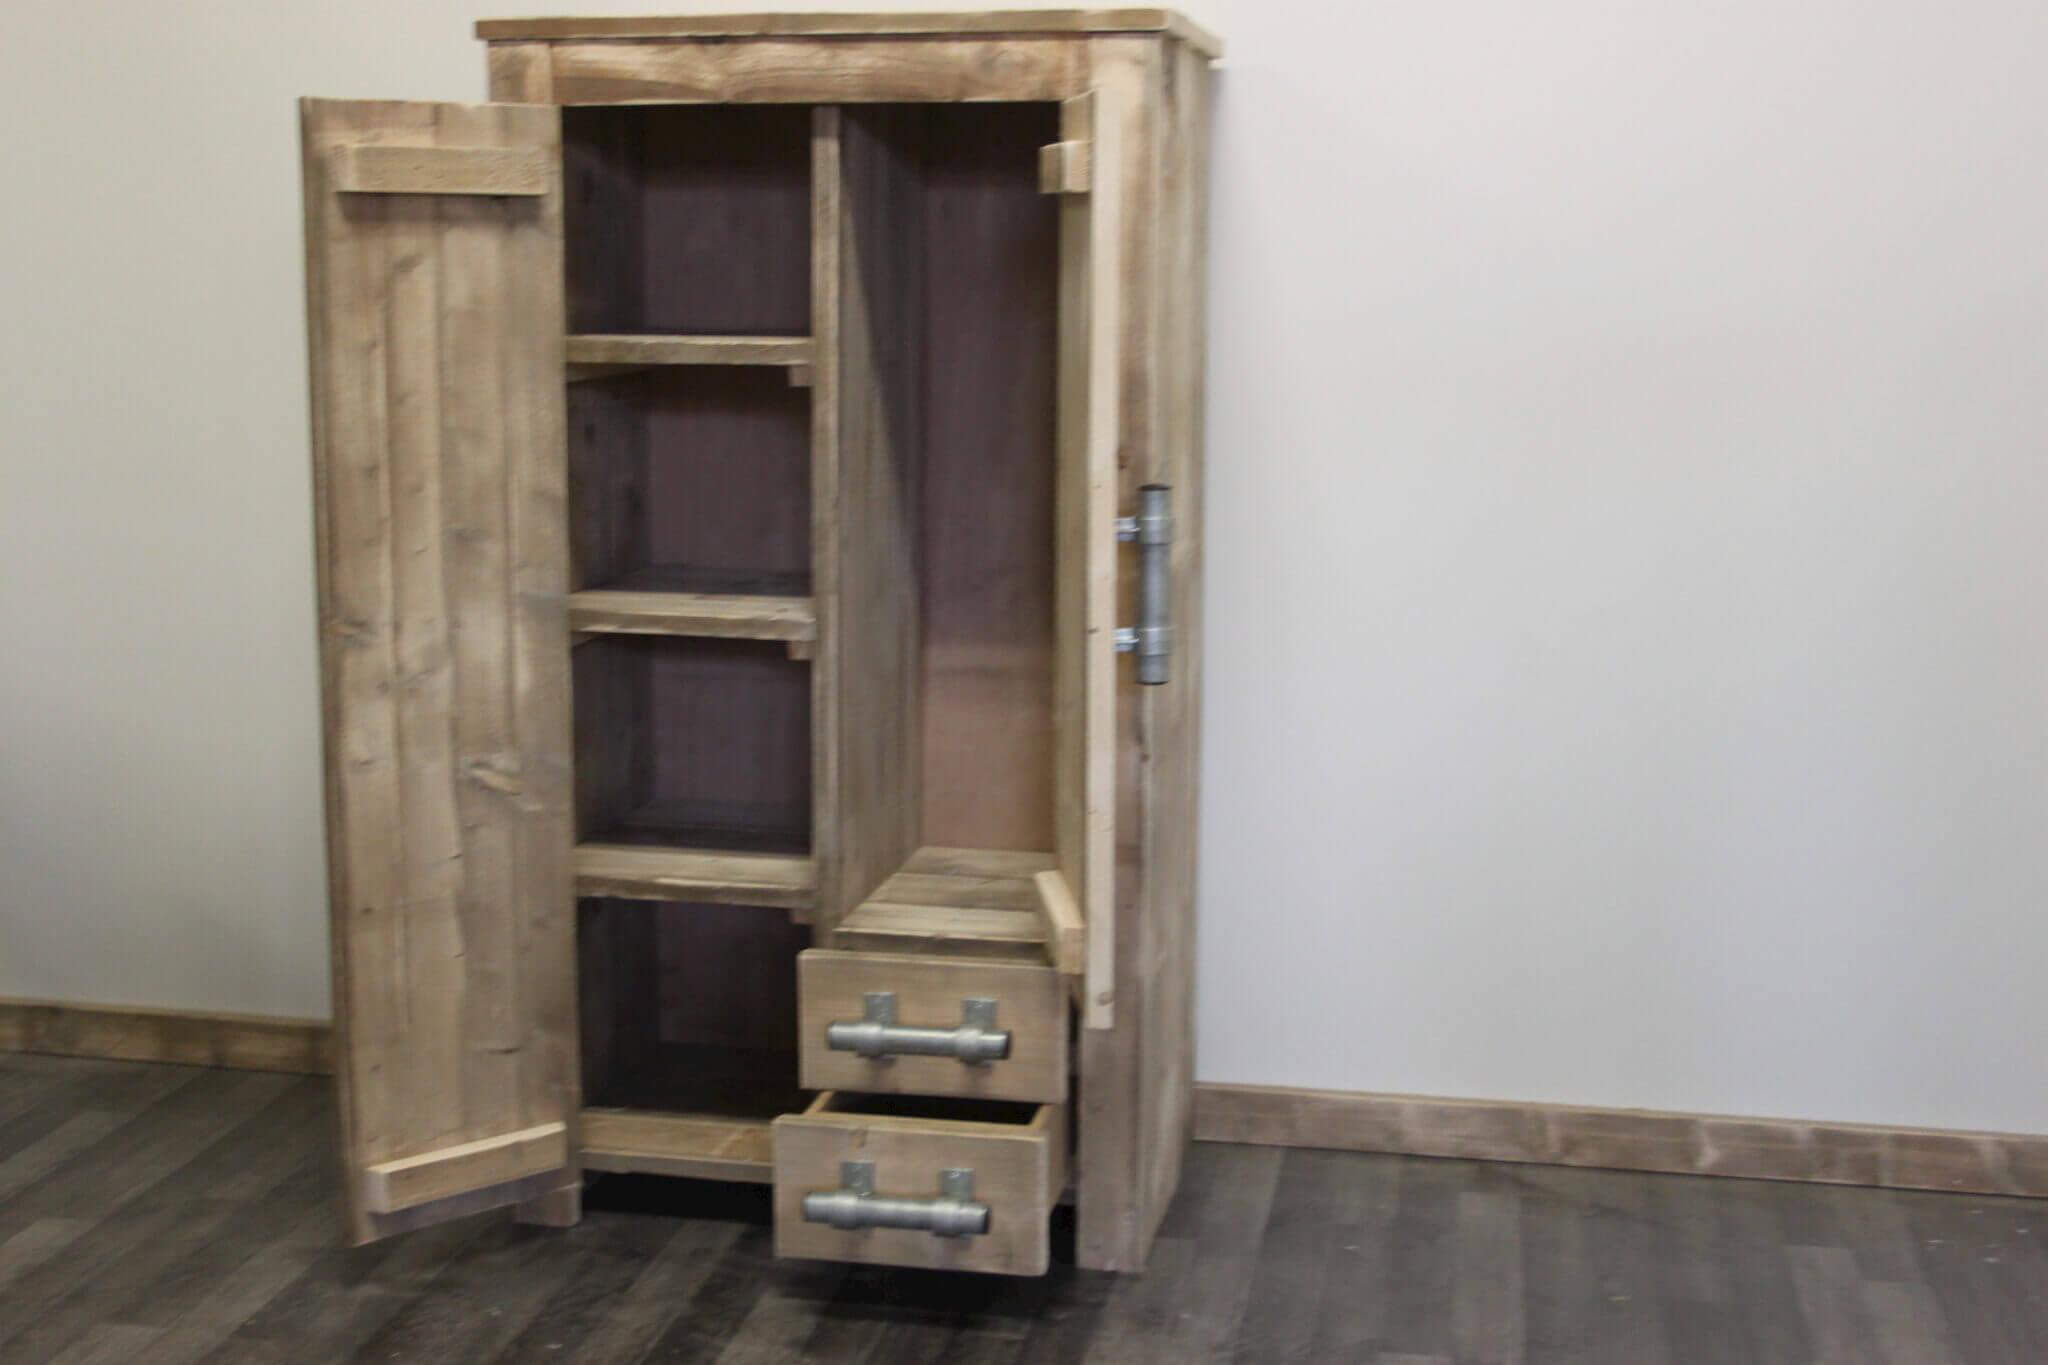 Steigerhout slaapkamer kast ~ [spscents.com]